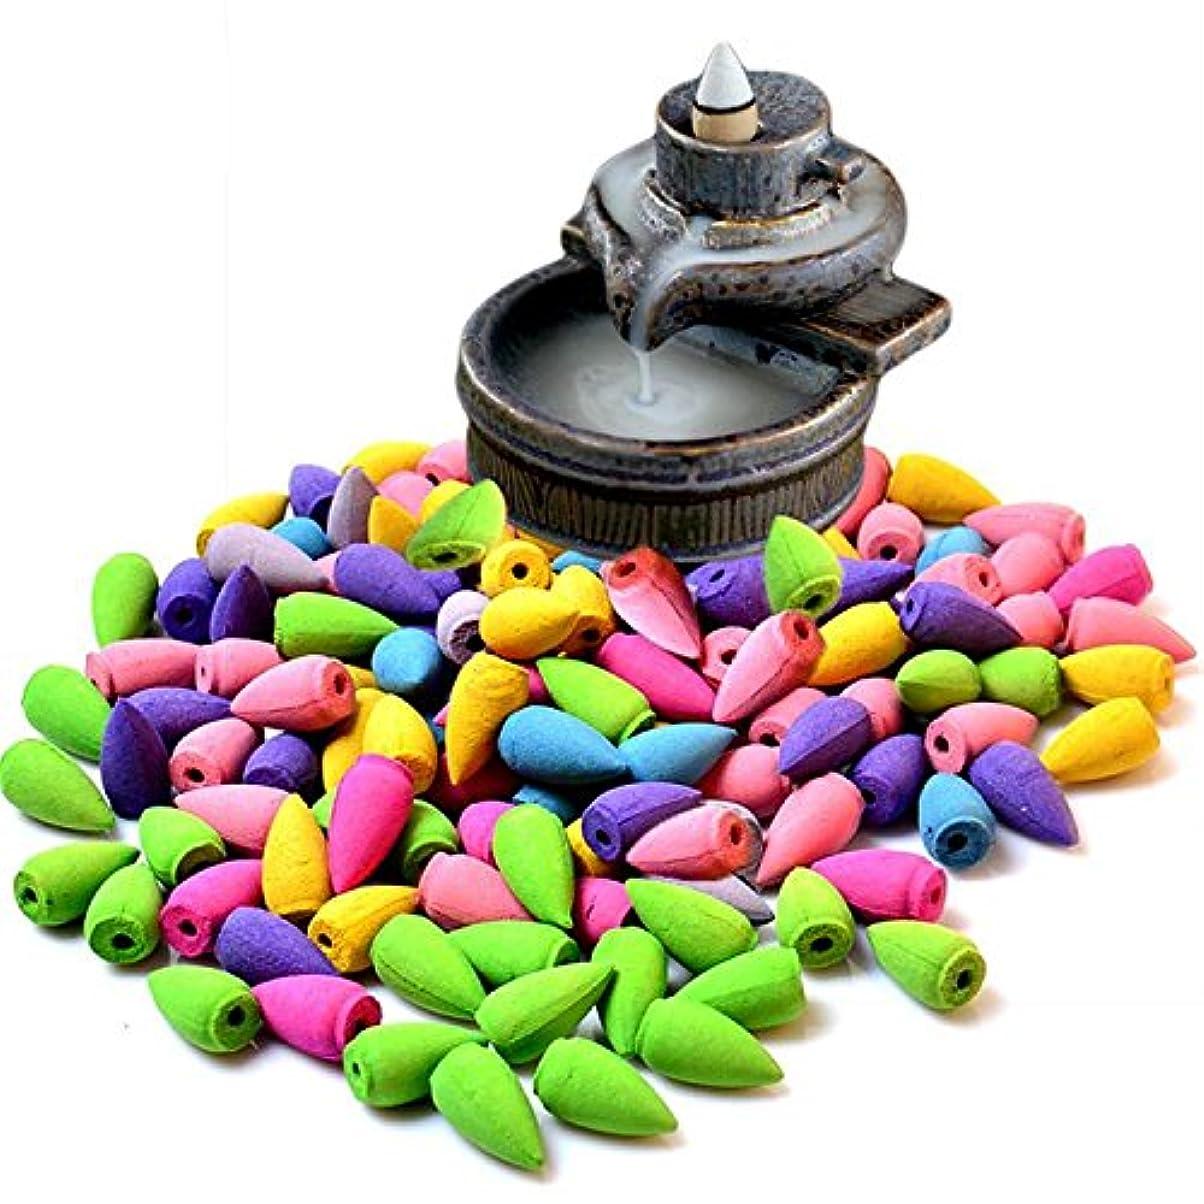 恥ずかしささわやか剥離ECYC Rerro  陶器の香炉 室内用バックフローつり香炉 アロマセラピー用の香立て  収集可能 B01LC3EI7O